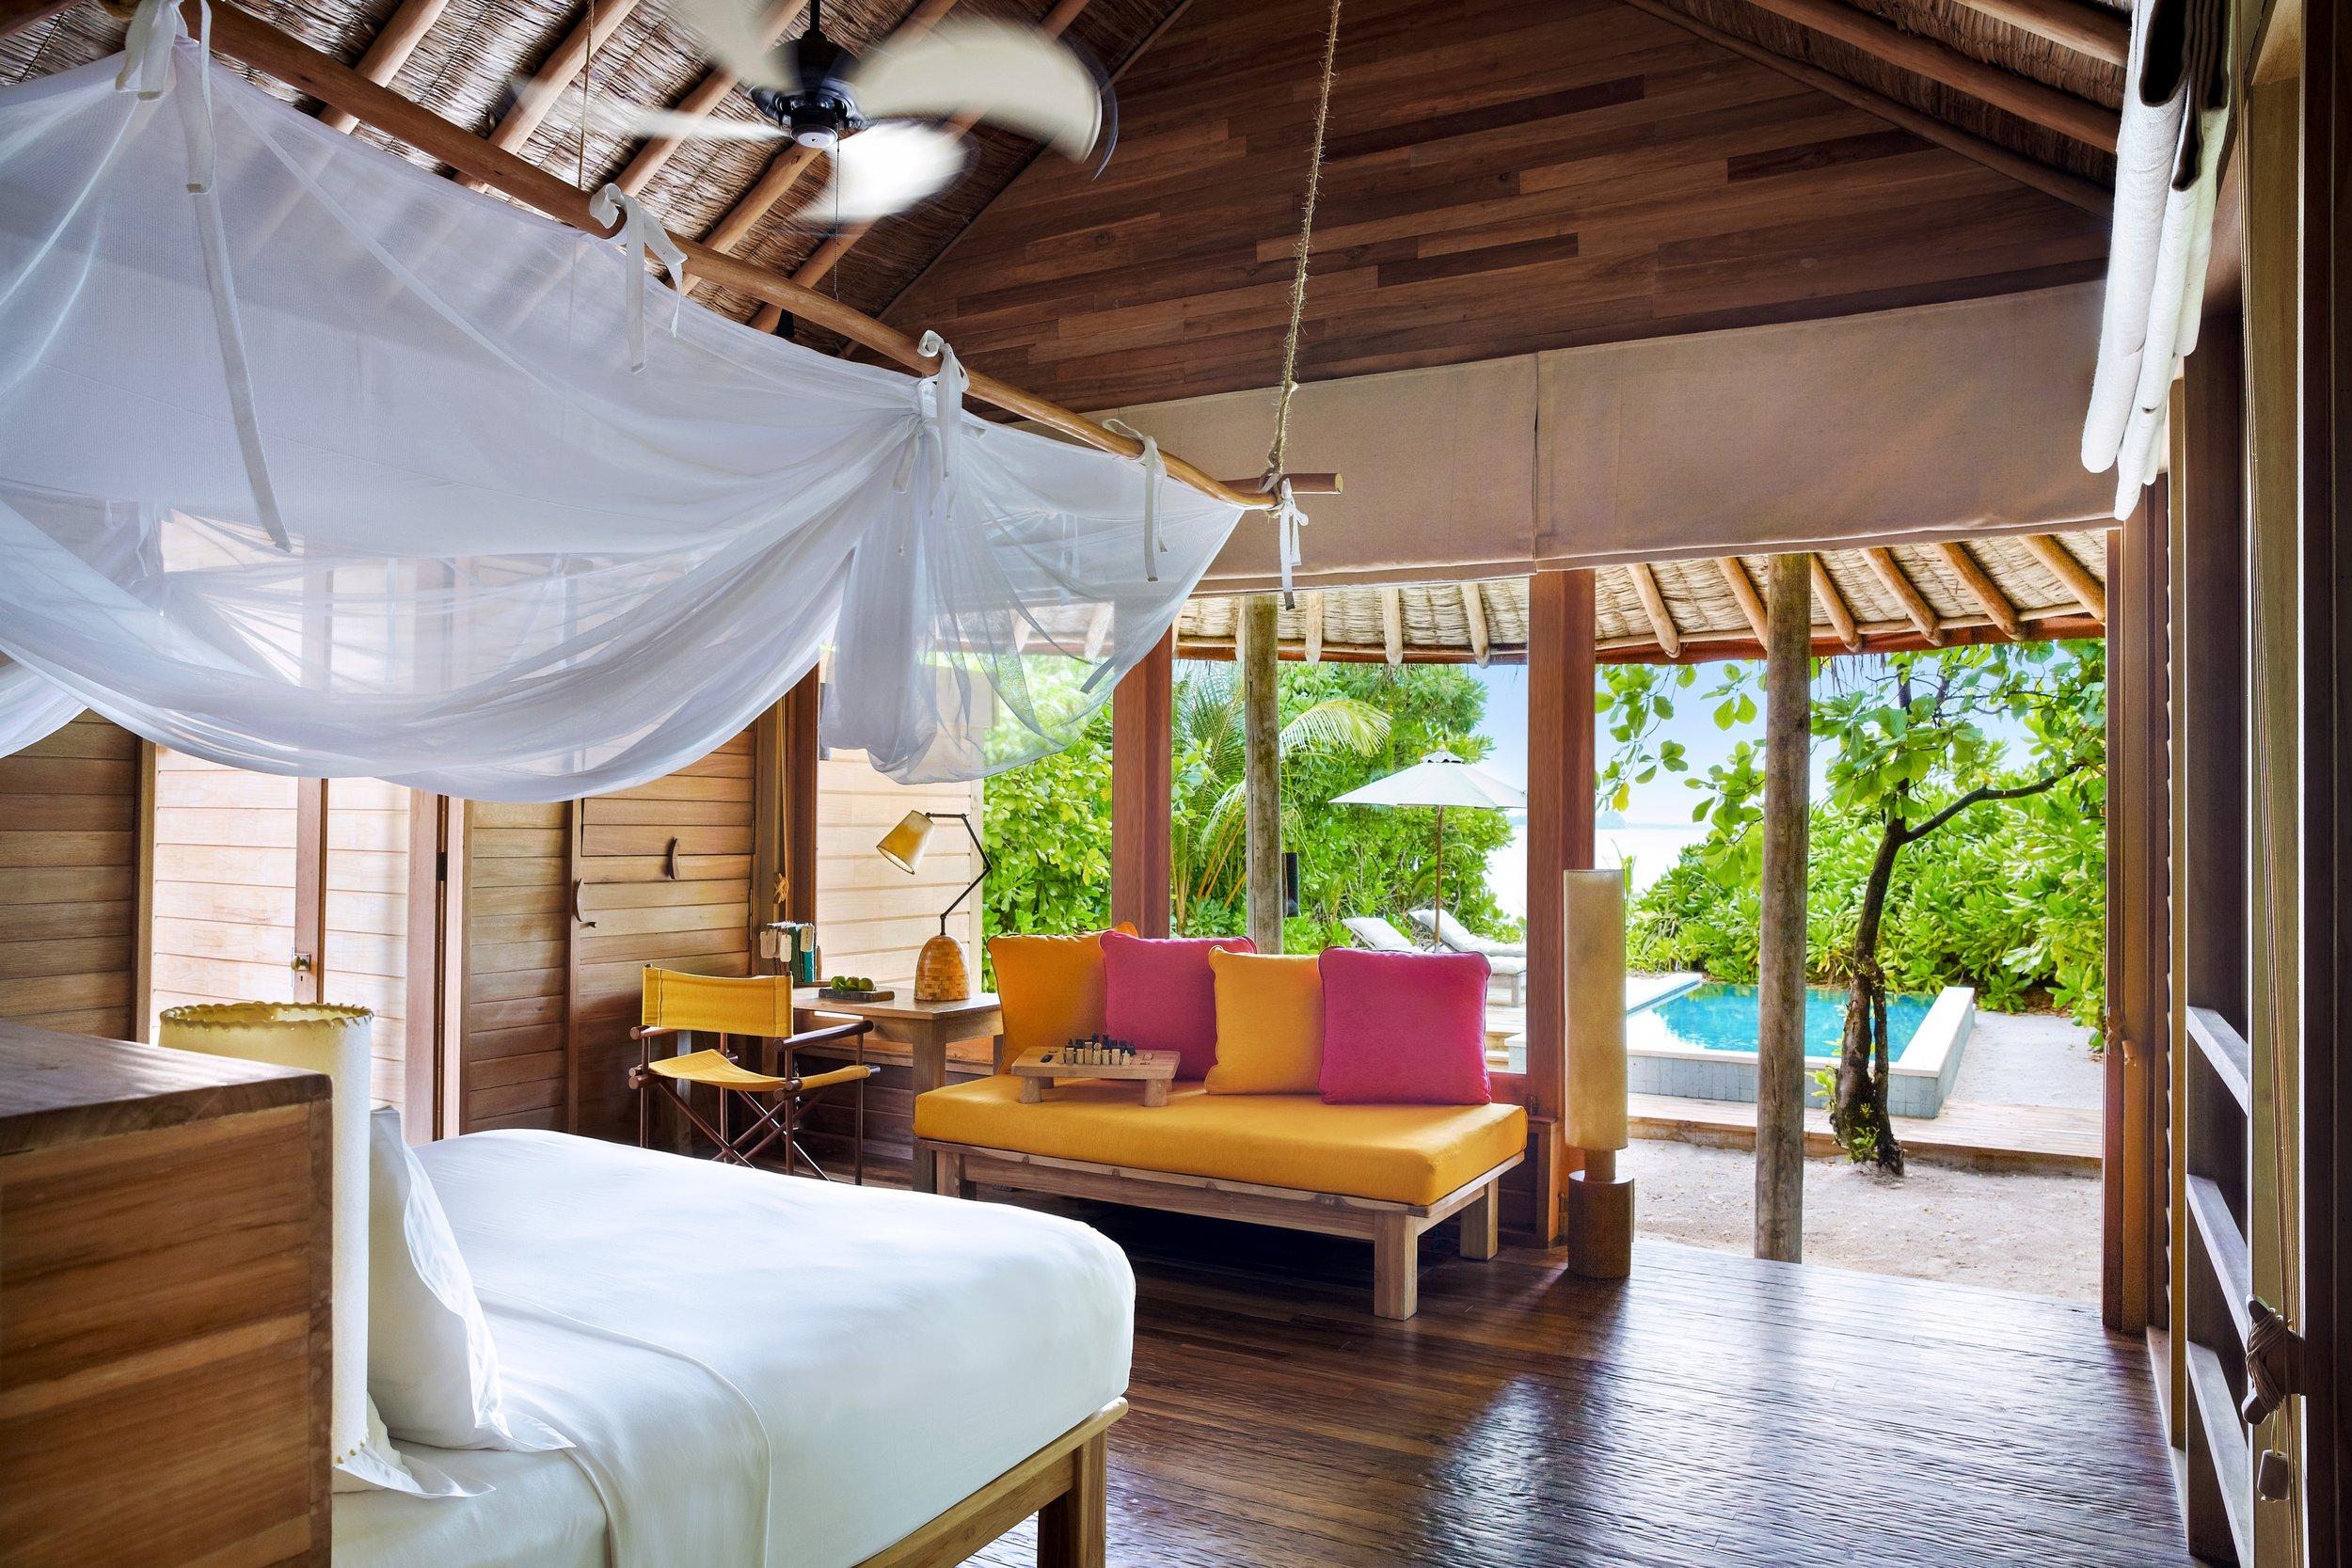 Ocean_Beach_Villa_with_Pool_interior_[6047-A4].jpg